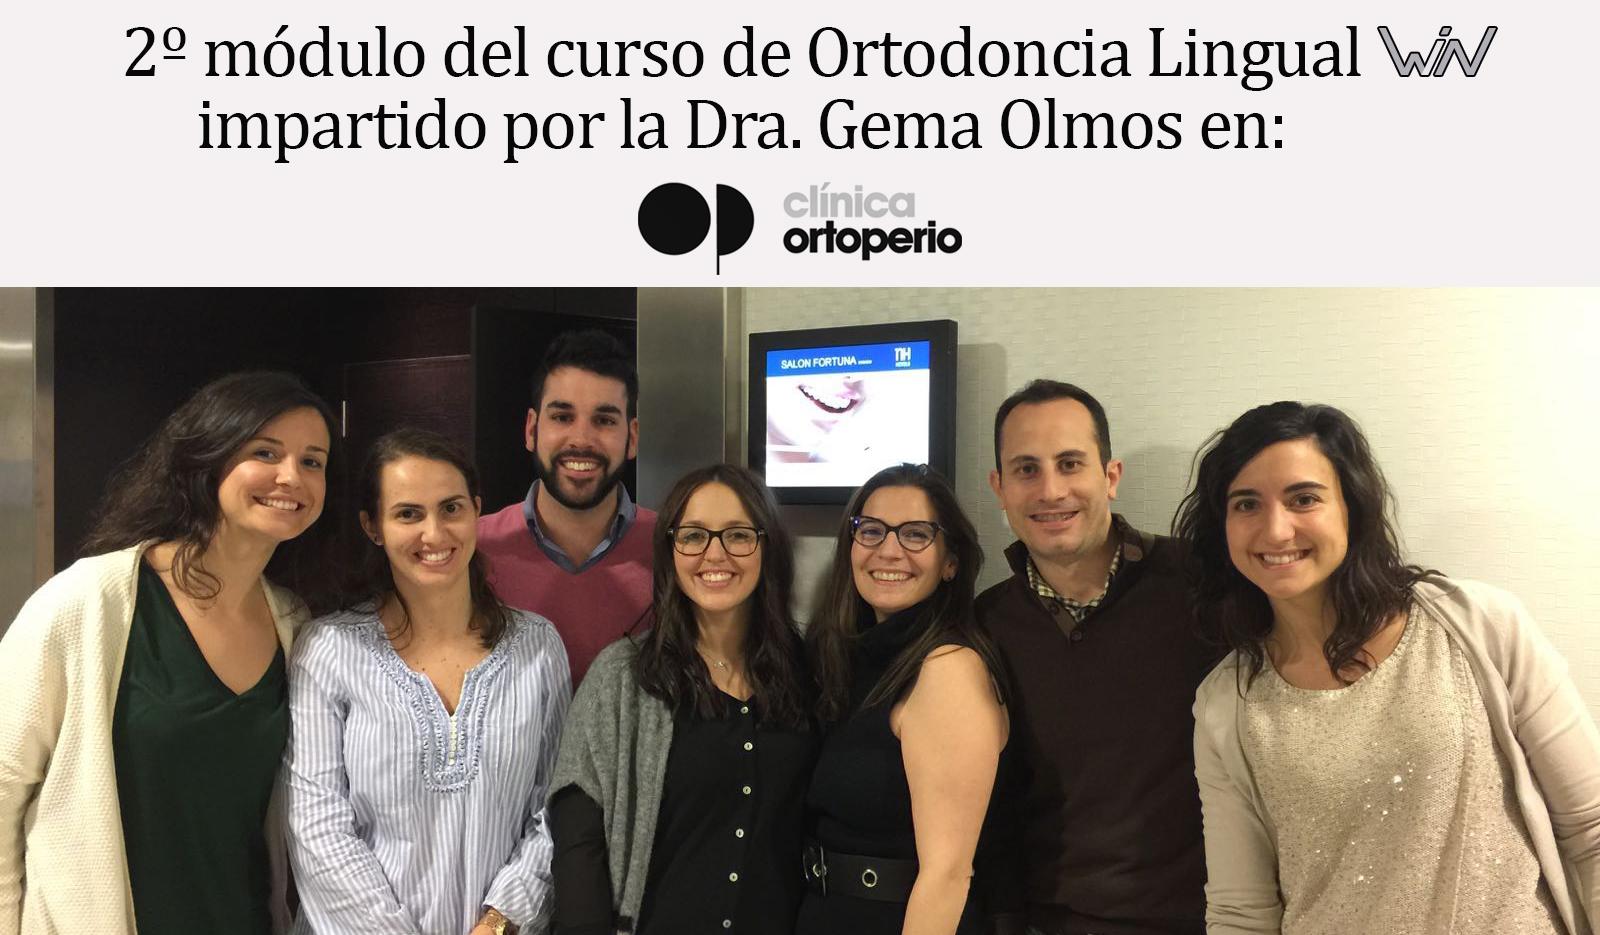 doctores en curso de ortodoncia lingual win